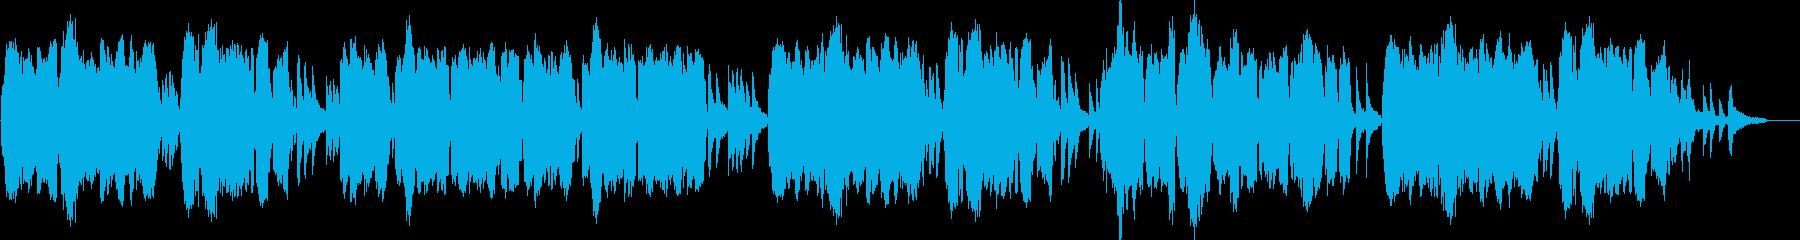 亡き王女のためのパヴァーヌ(ラヴェル)の再生済みの波形